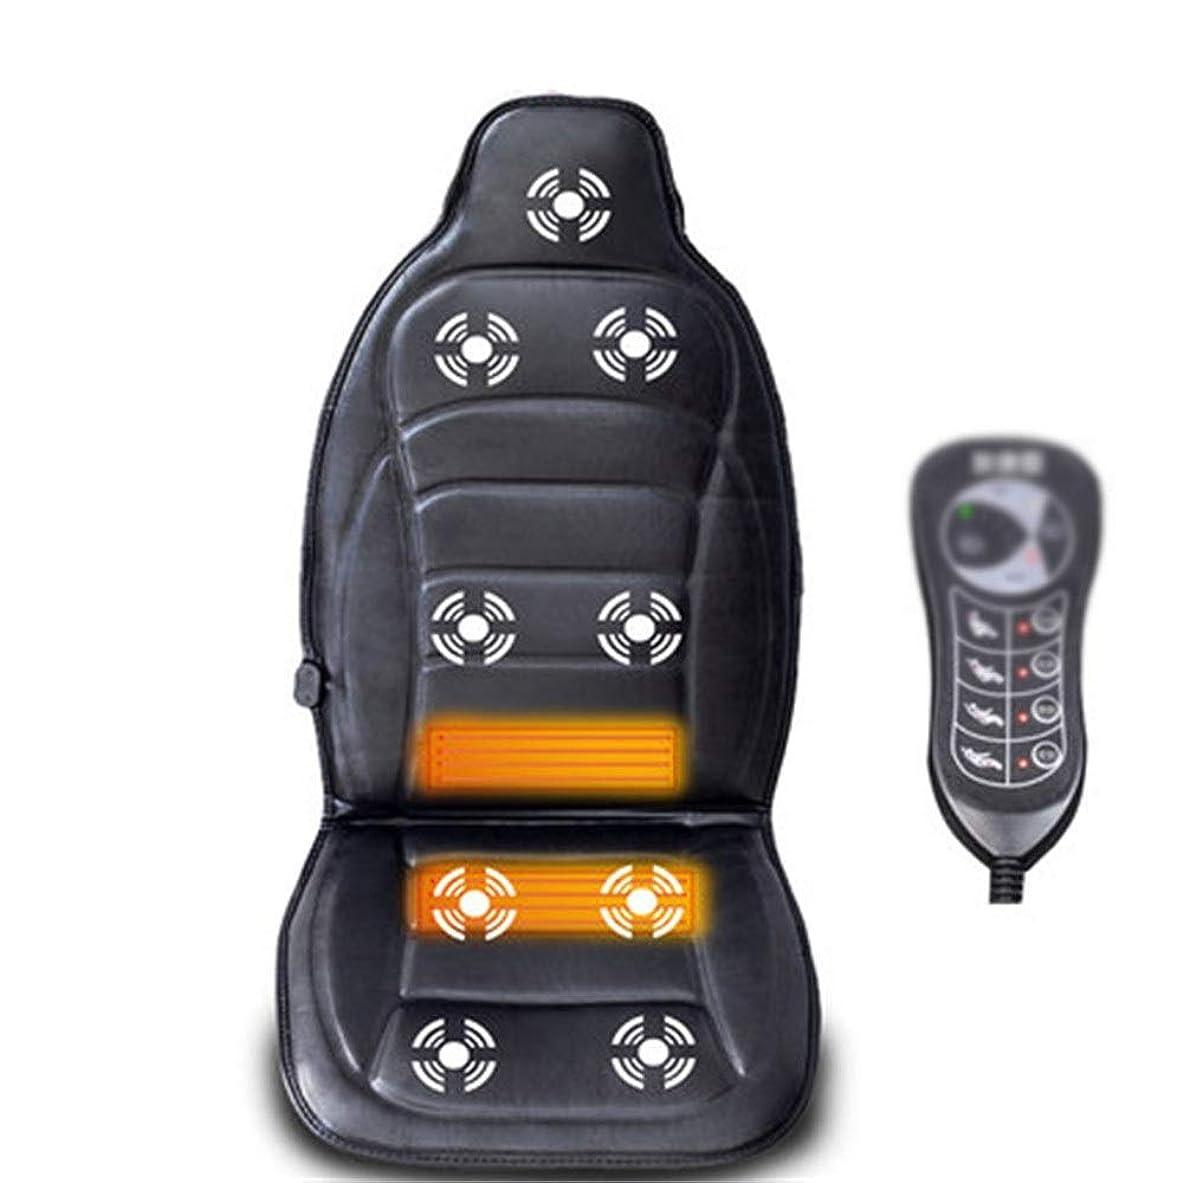 簡潔な意味する忘れっぽいAXROAD MALL 自動車ネック頸椎ウエストクッションチェアクッション全身マッサージ温水マットレスマットマッサージ駐車ソフト (色 : Picture, サイズ : Free size)